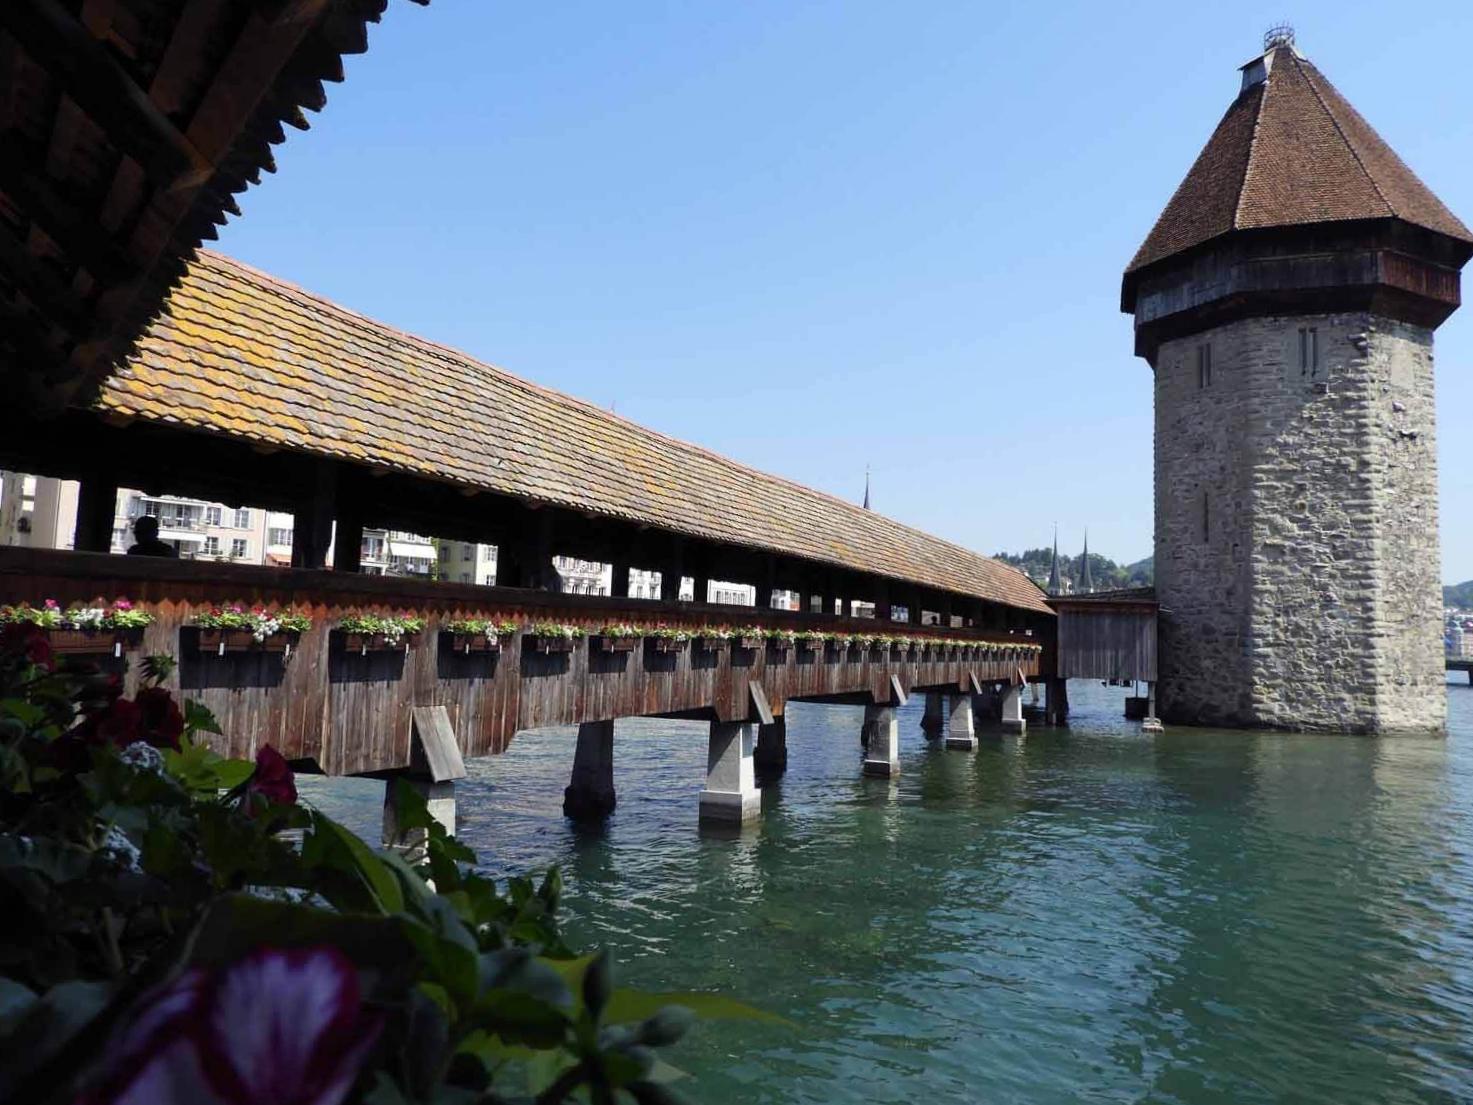 switzerland-lucerne-chaple-bridge-tower.JPG